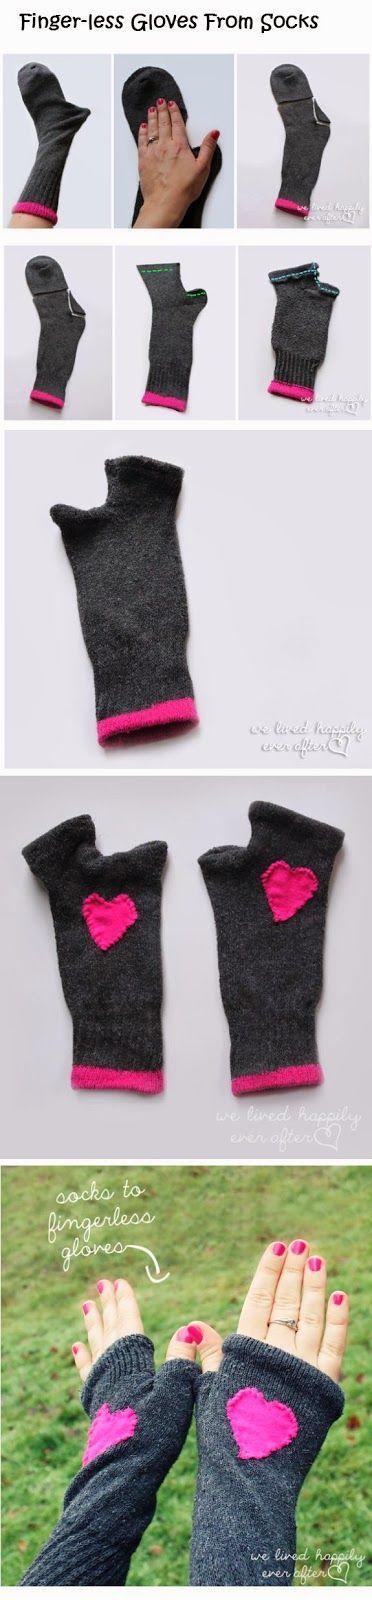 Finger-less gloves from socks!!